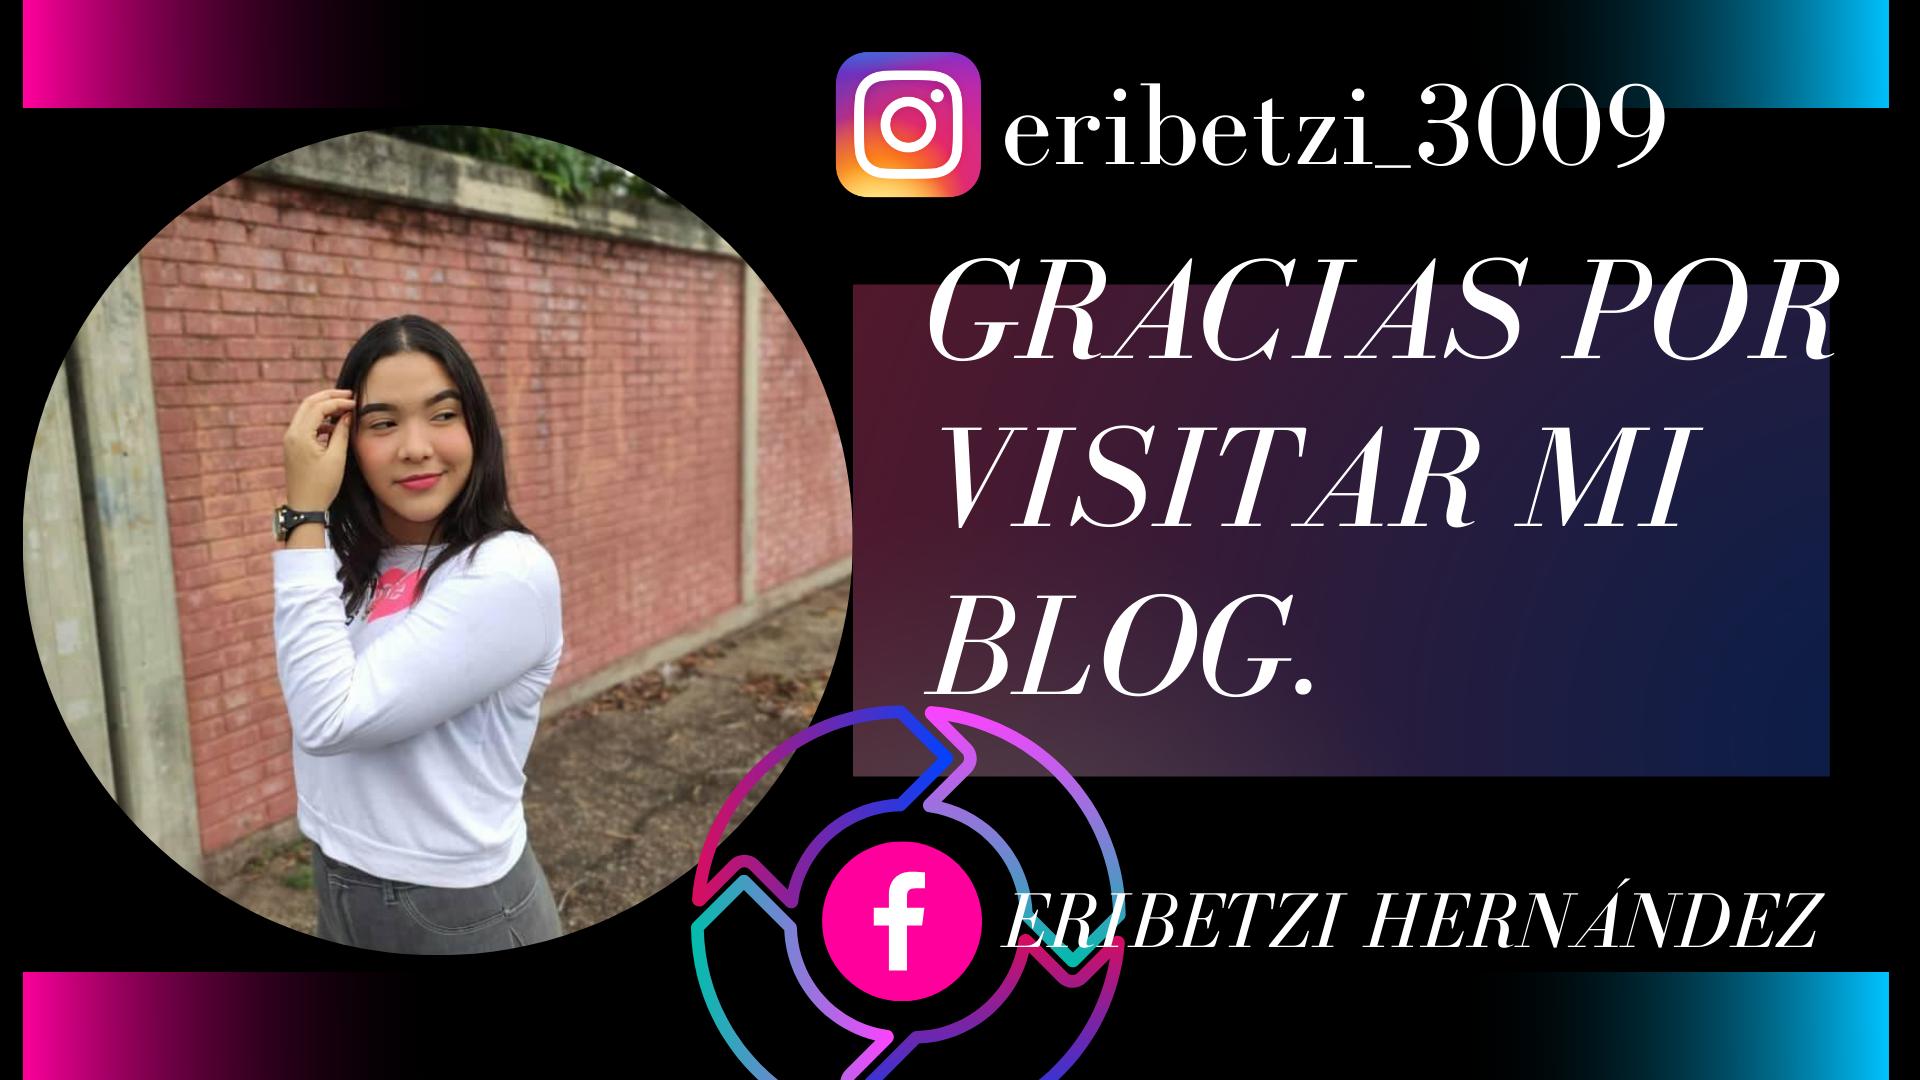 Gracias por Visitar mi blog (1).png